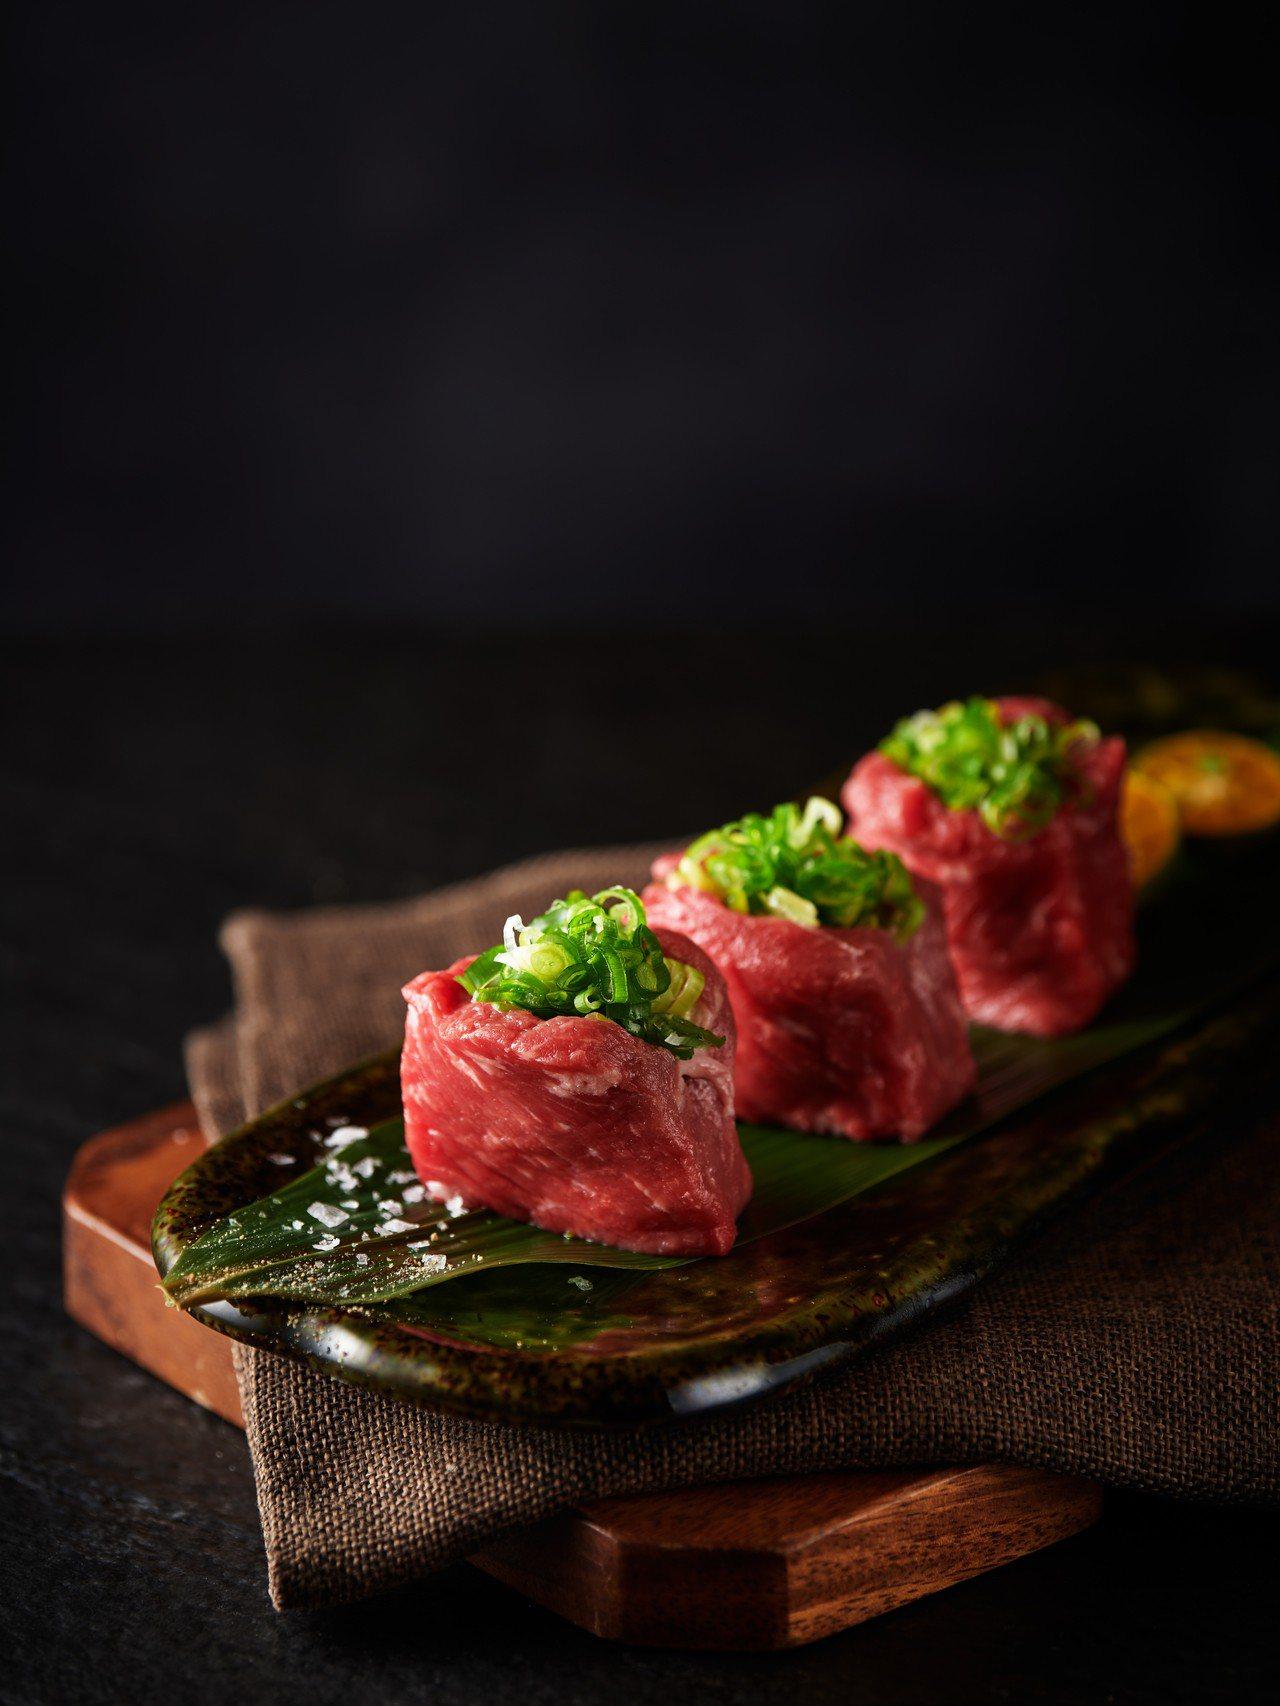 圖/柏克金餐酒集團提供 燒肉屋「炙燒鑲蔥紐約客」使用美國特選級紐約客肉塊。